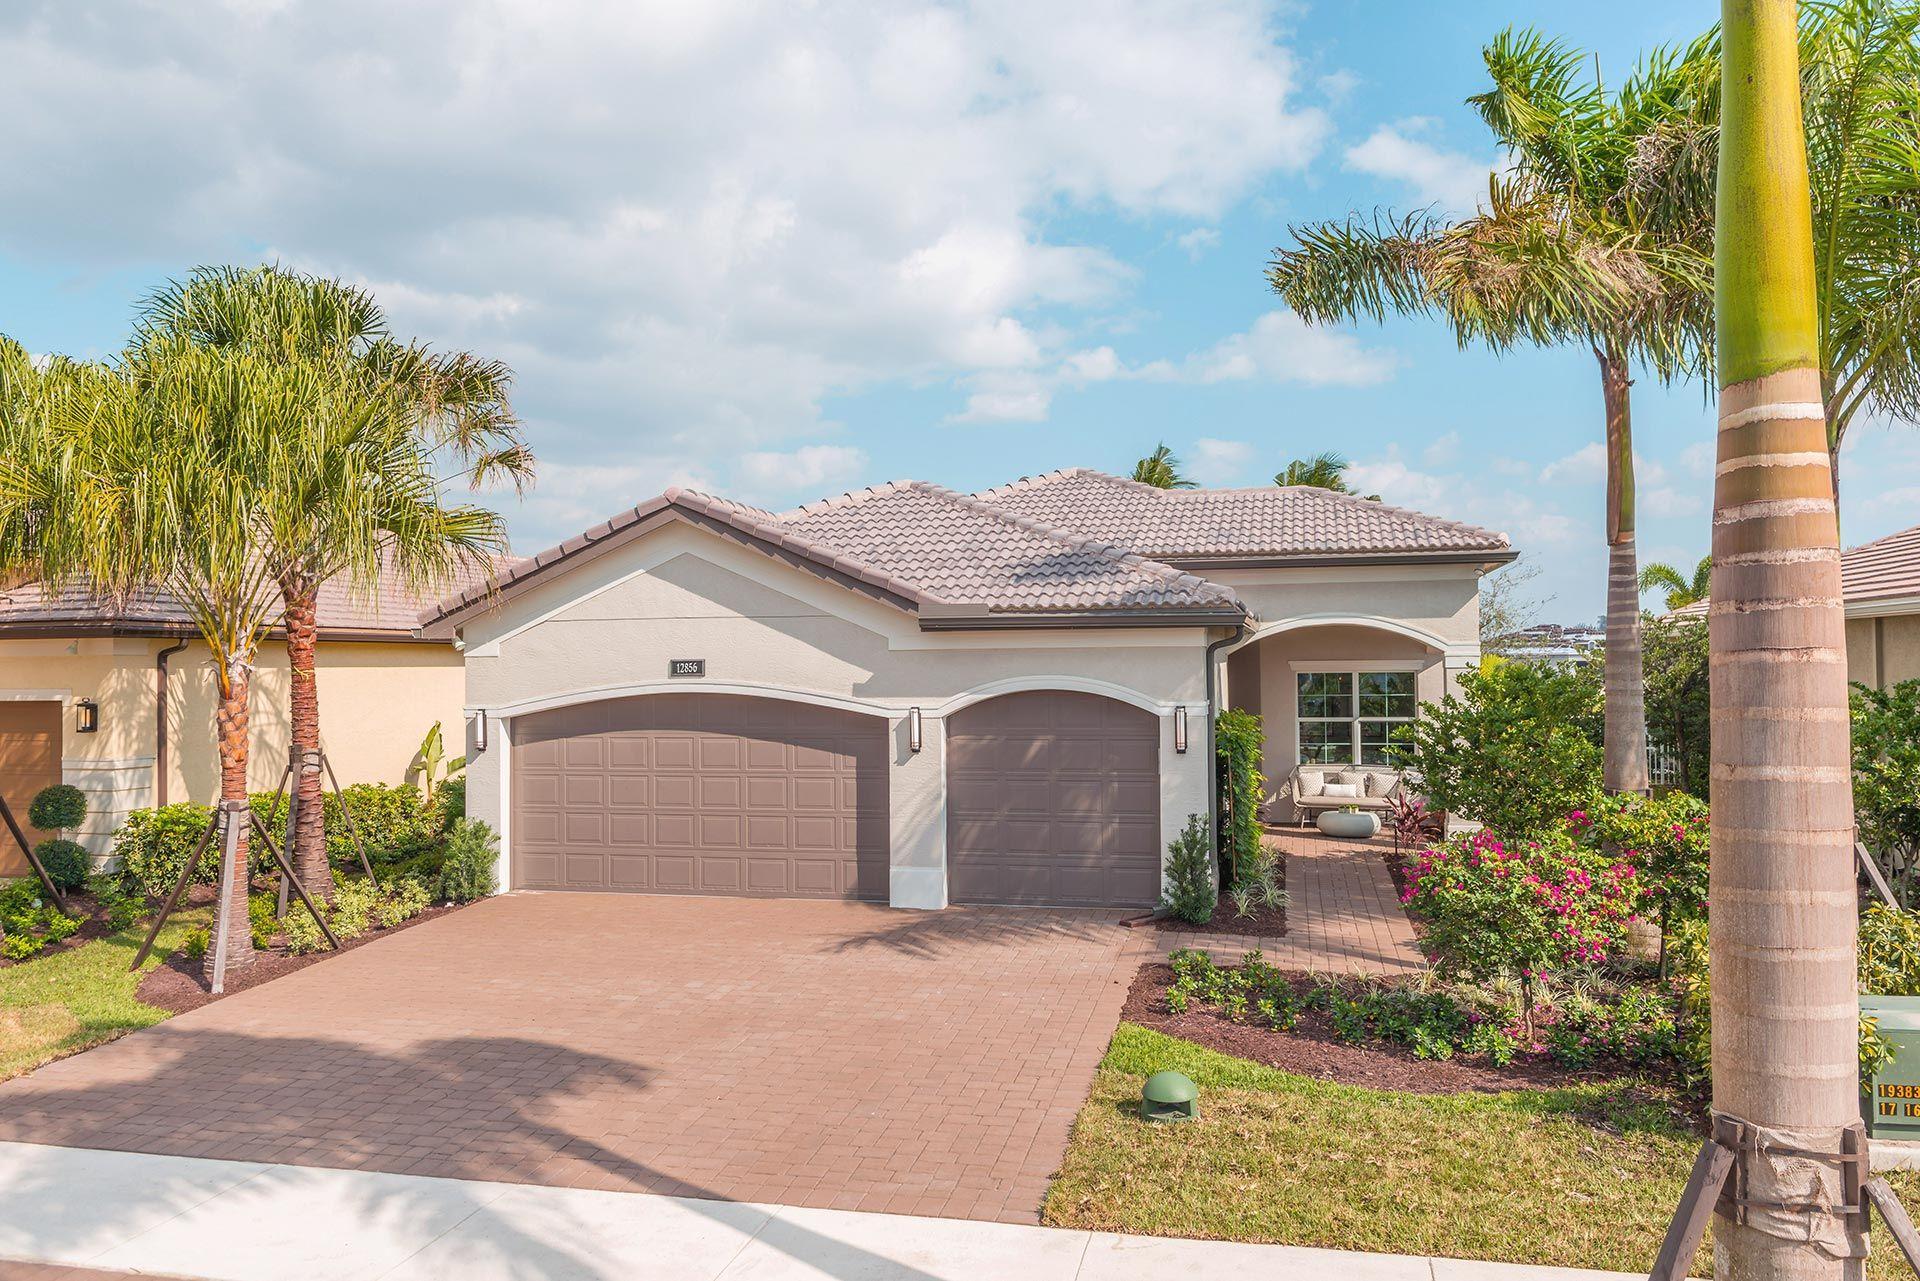 The Cabernet Plan In The Signature Collection At Valencia Bay In Boynton Beach Florida Florida Florida Real Estate Boynton Beach Florida Window Installation